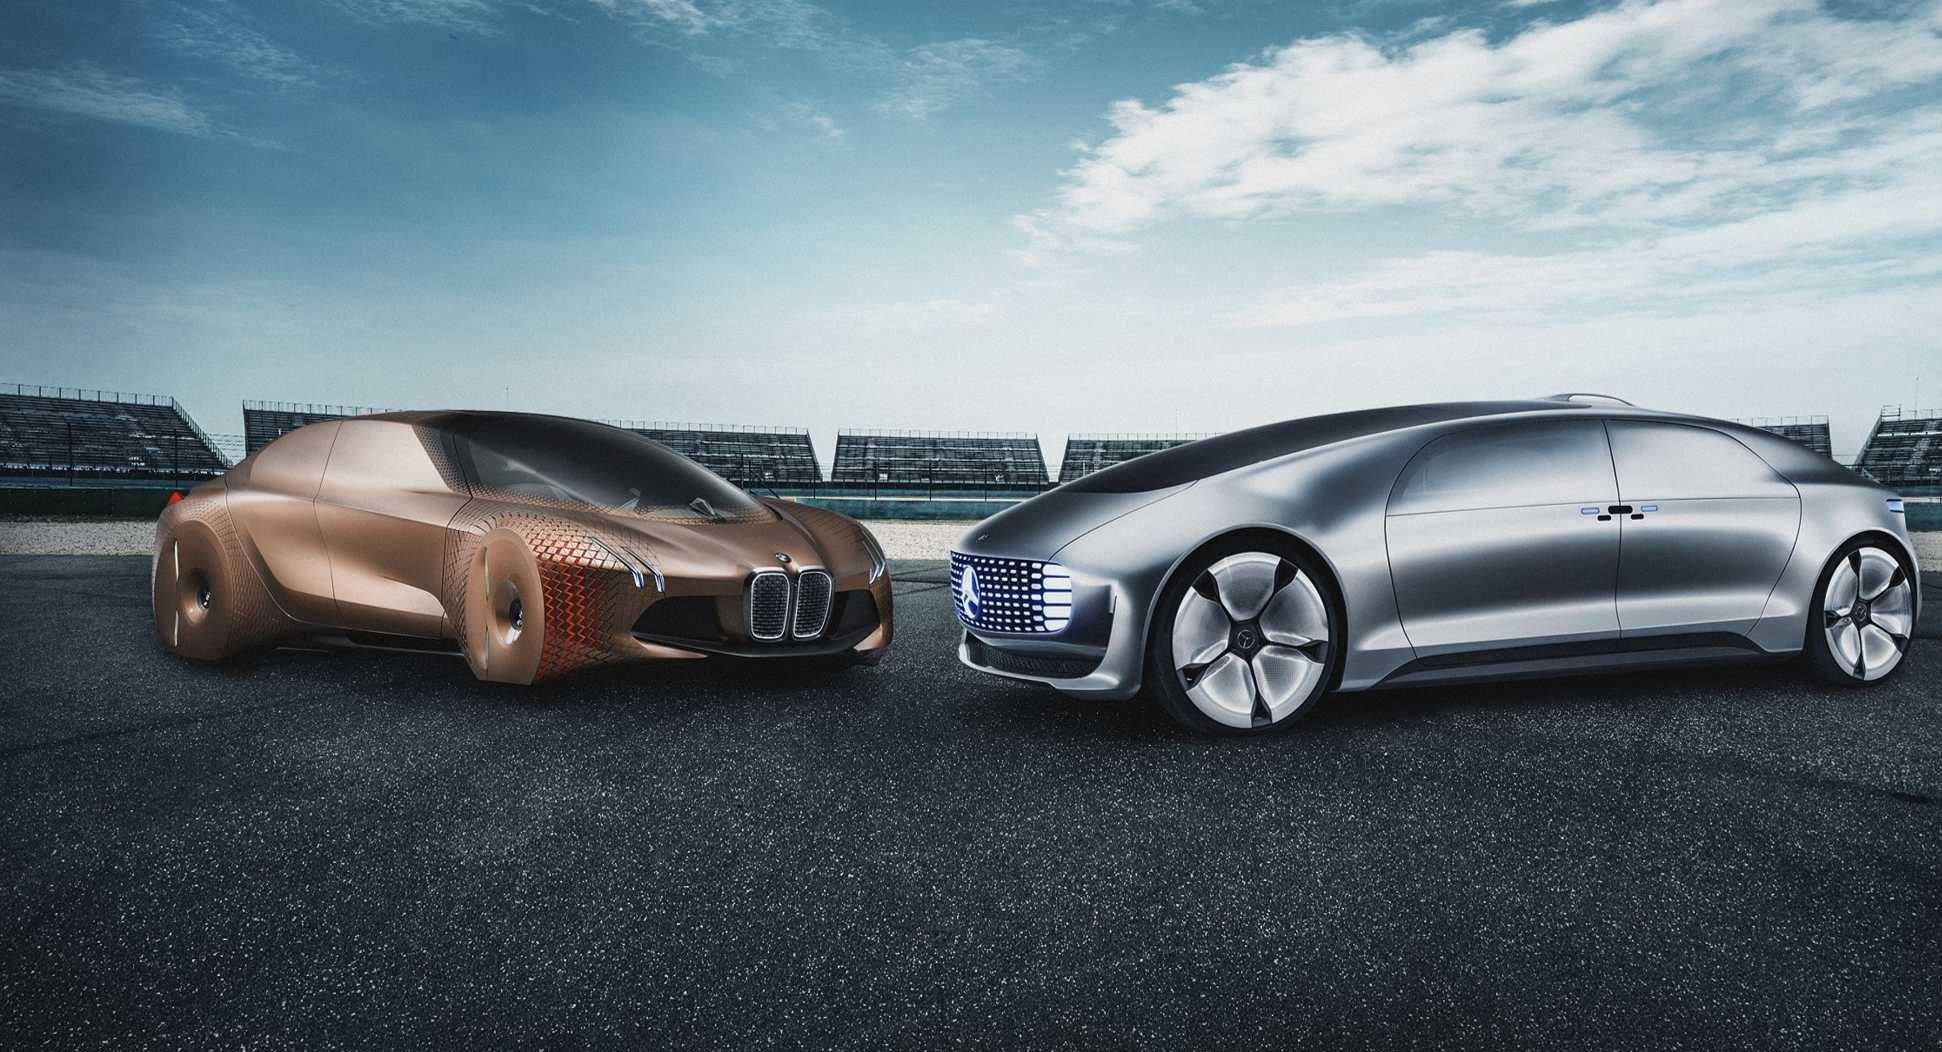 BMW ve Mercedes Benz'in otonom araç iş birliği Covid-19 nedeniyle rafa kaldırıldı.